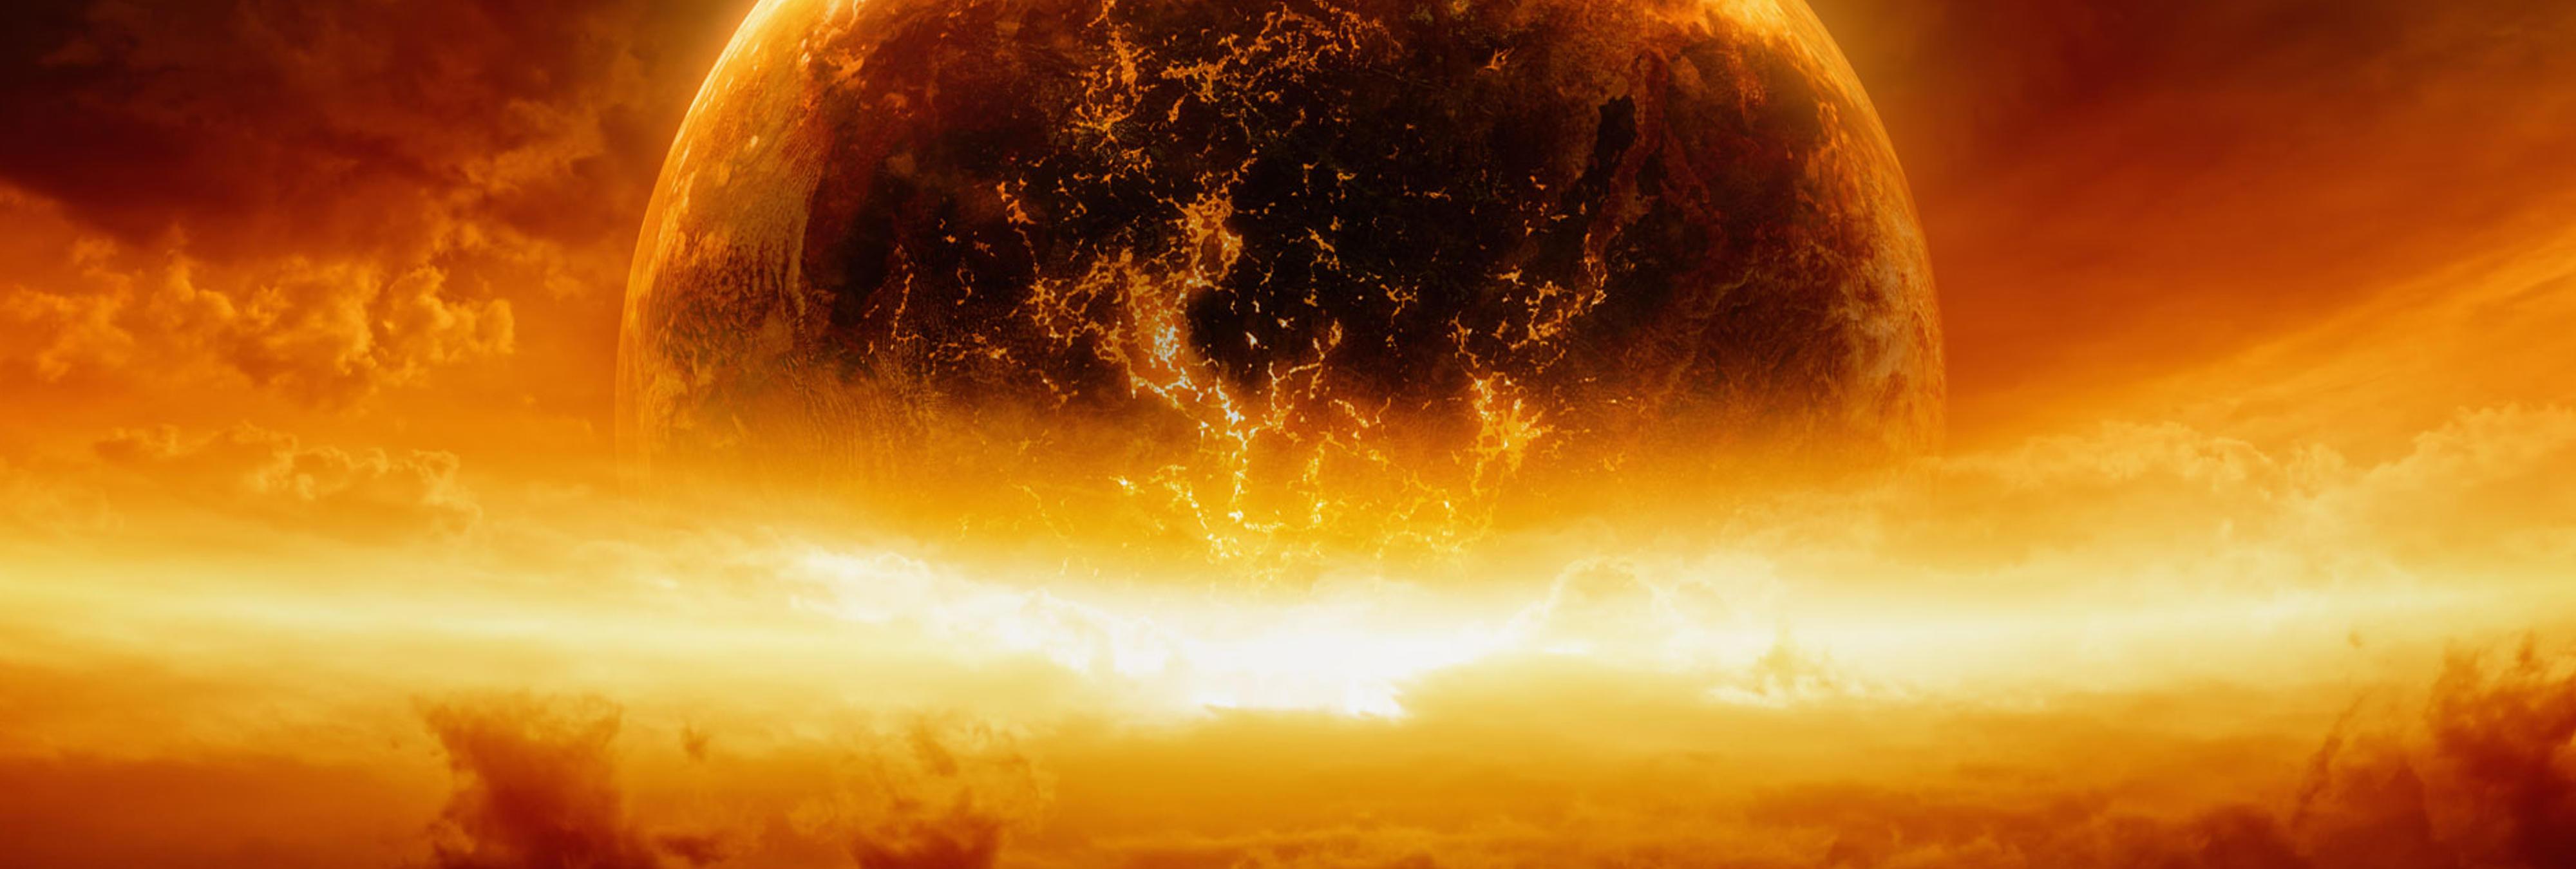 Astrónomos alertan: el fin del mundo puede llegar en septiembre